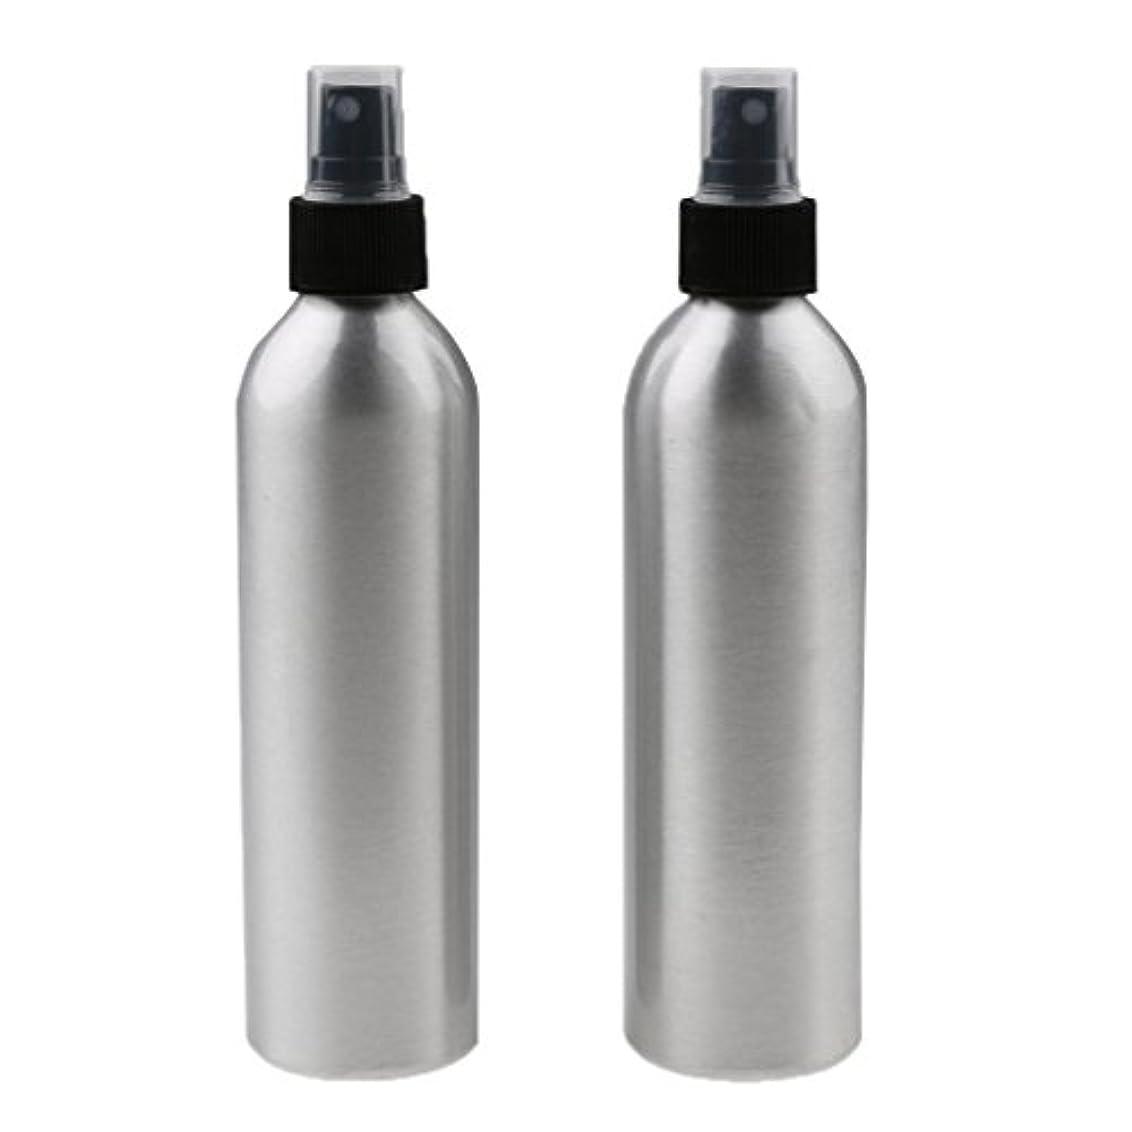 イブニング槍木SONONIA 2個入り 旅行 アルミ ミスト スプレー 香水ボトル メイクアップ スプレー アトマイザー 小分けボトル  漏れ防止 出張 海外旅行用 全4サイズ - 100ml